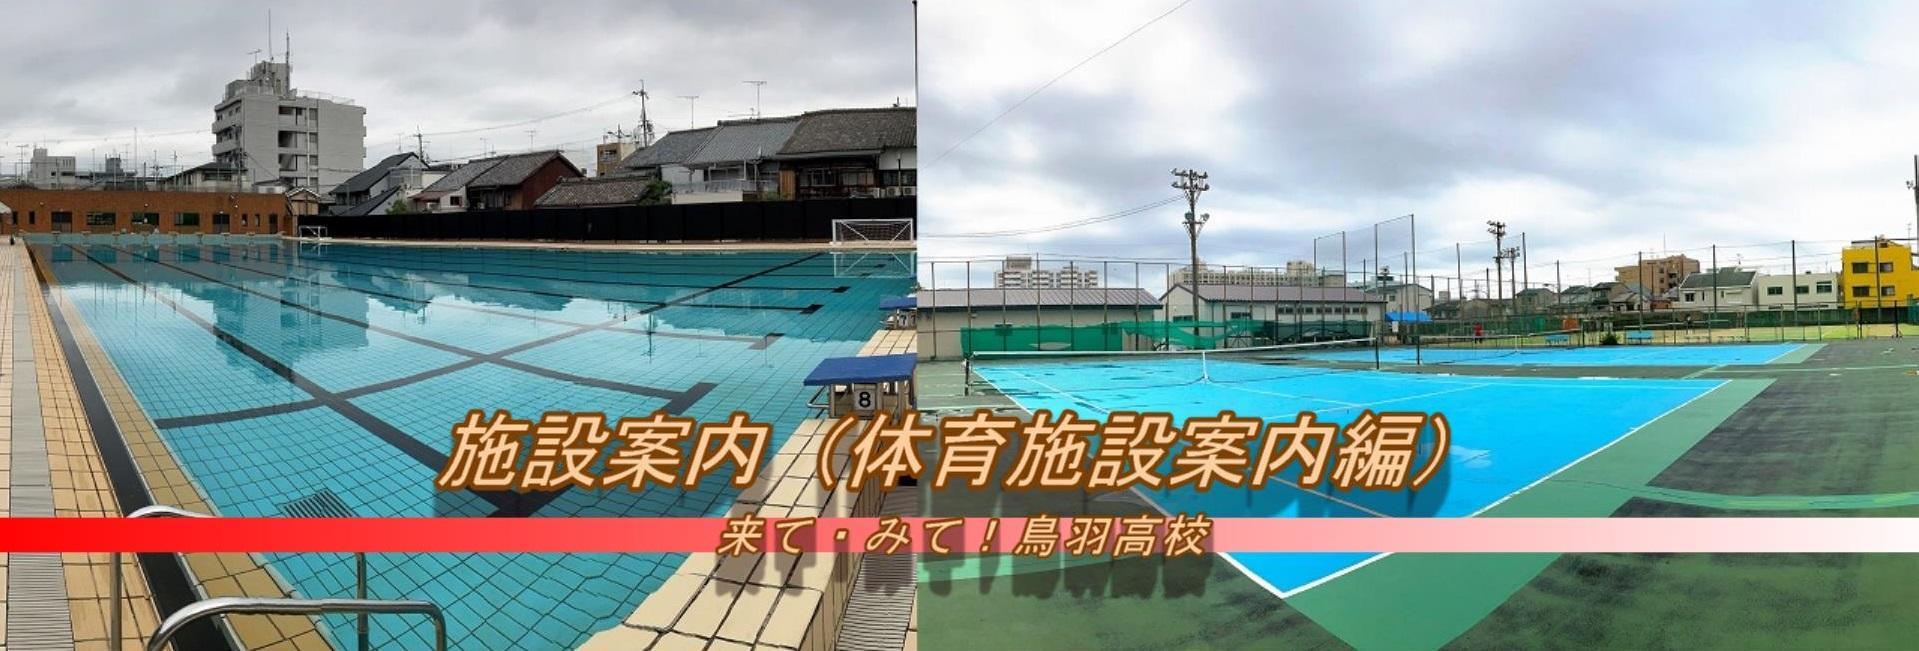 210615_体育施設案内編パノラマ②.jpg